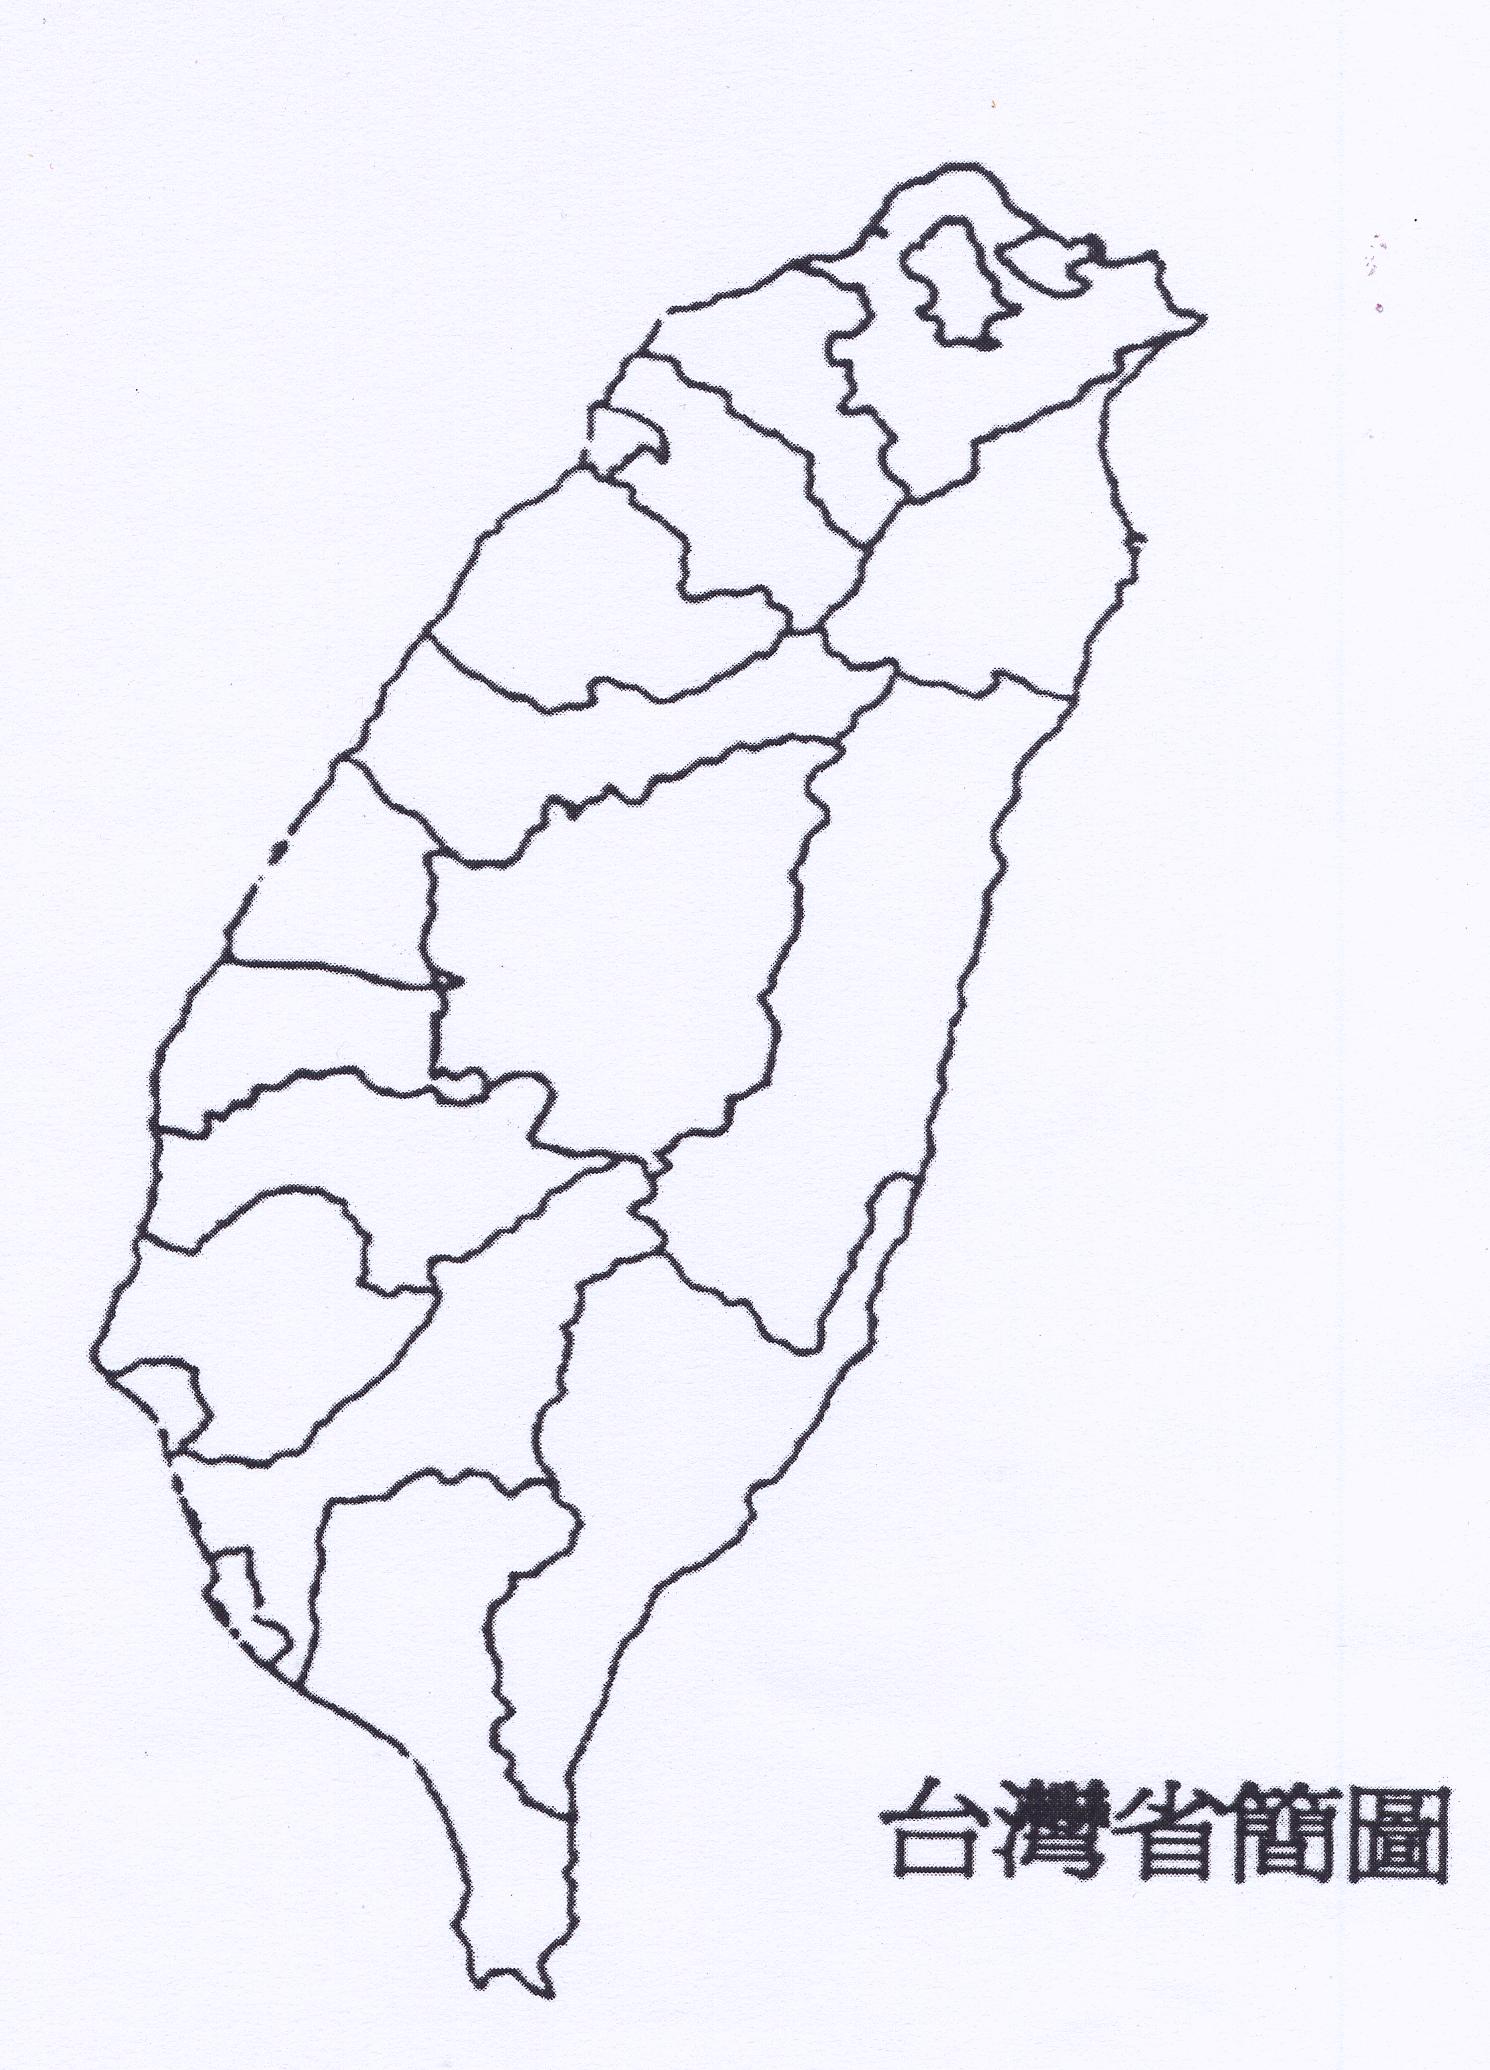 中国与台湾地图手绘